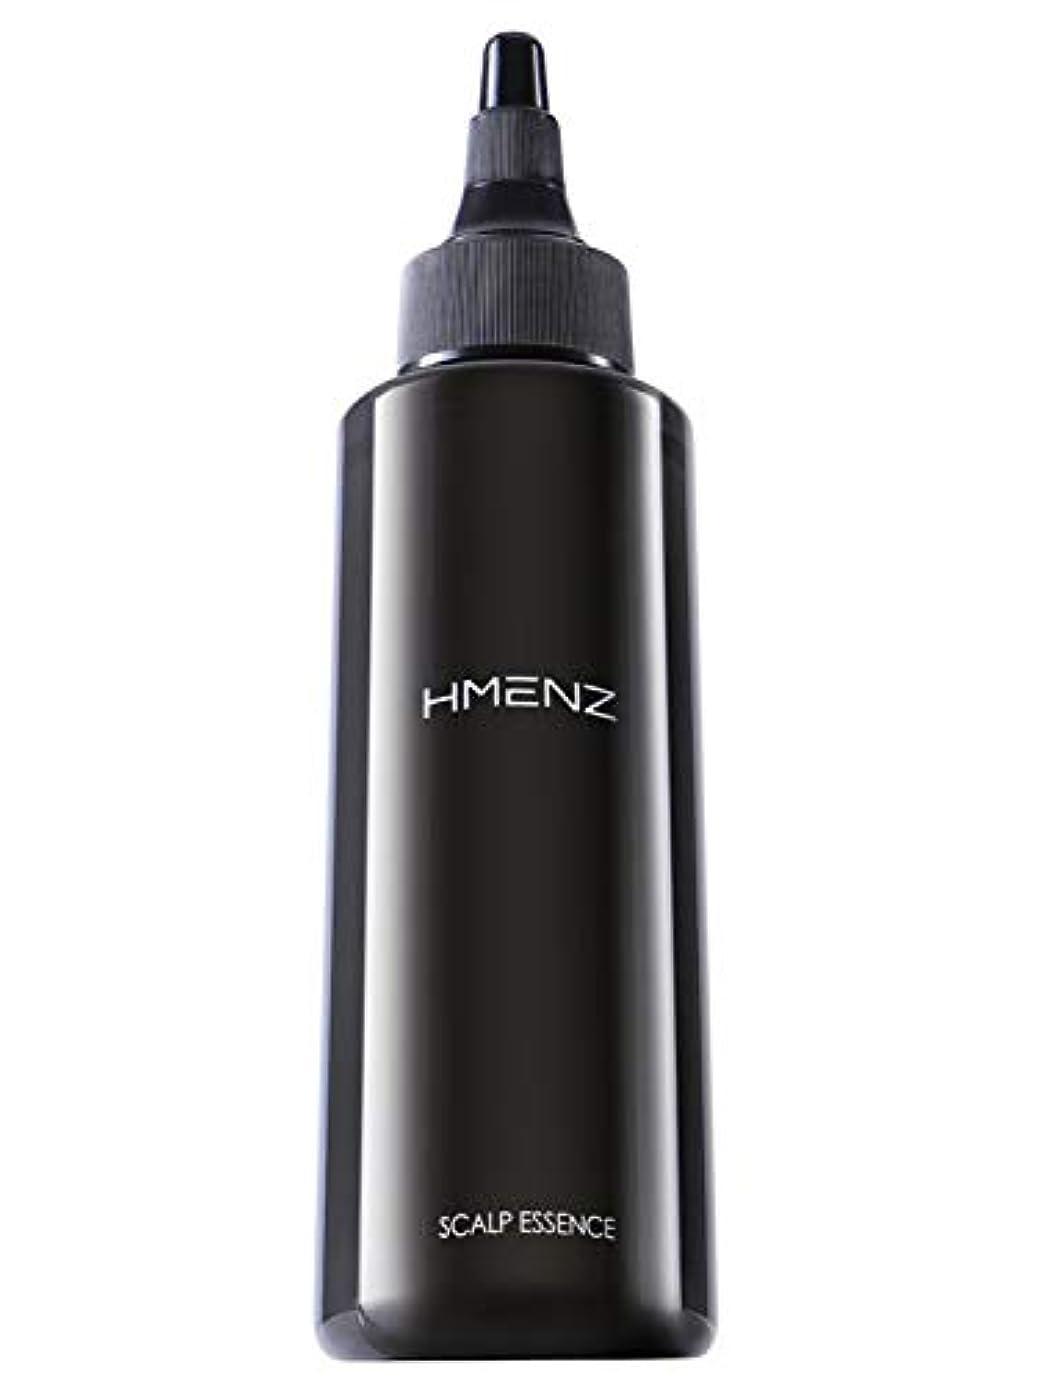 現像遠足ペイント医薬部外品 HMENZ メンズ 育毛剤 スカルプエッセンス 毛髪エイジングケアシリーズ 和漢根 海藻配合 育毛トニック 120ml